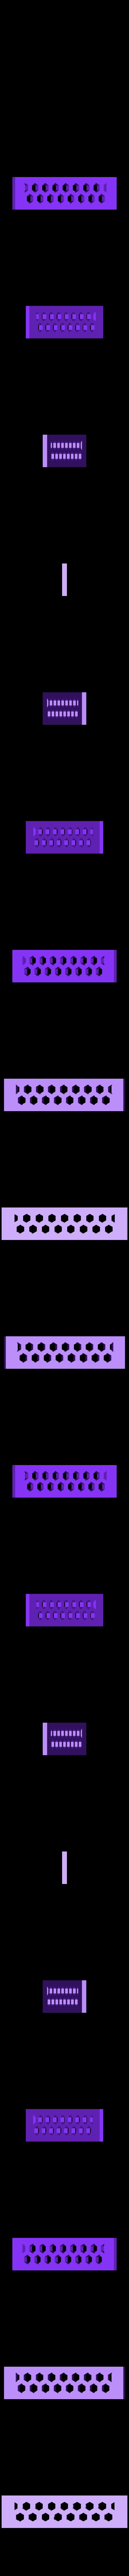 B74af786 318e 4d6c 9e60 83f0f386d22a